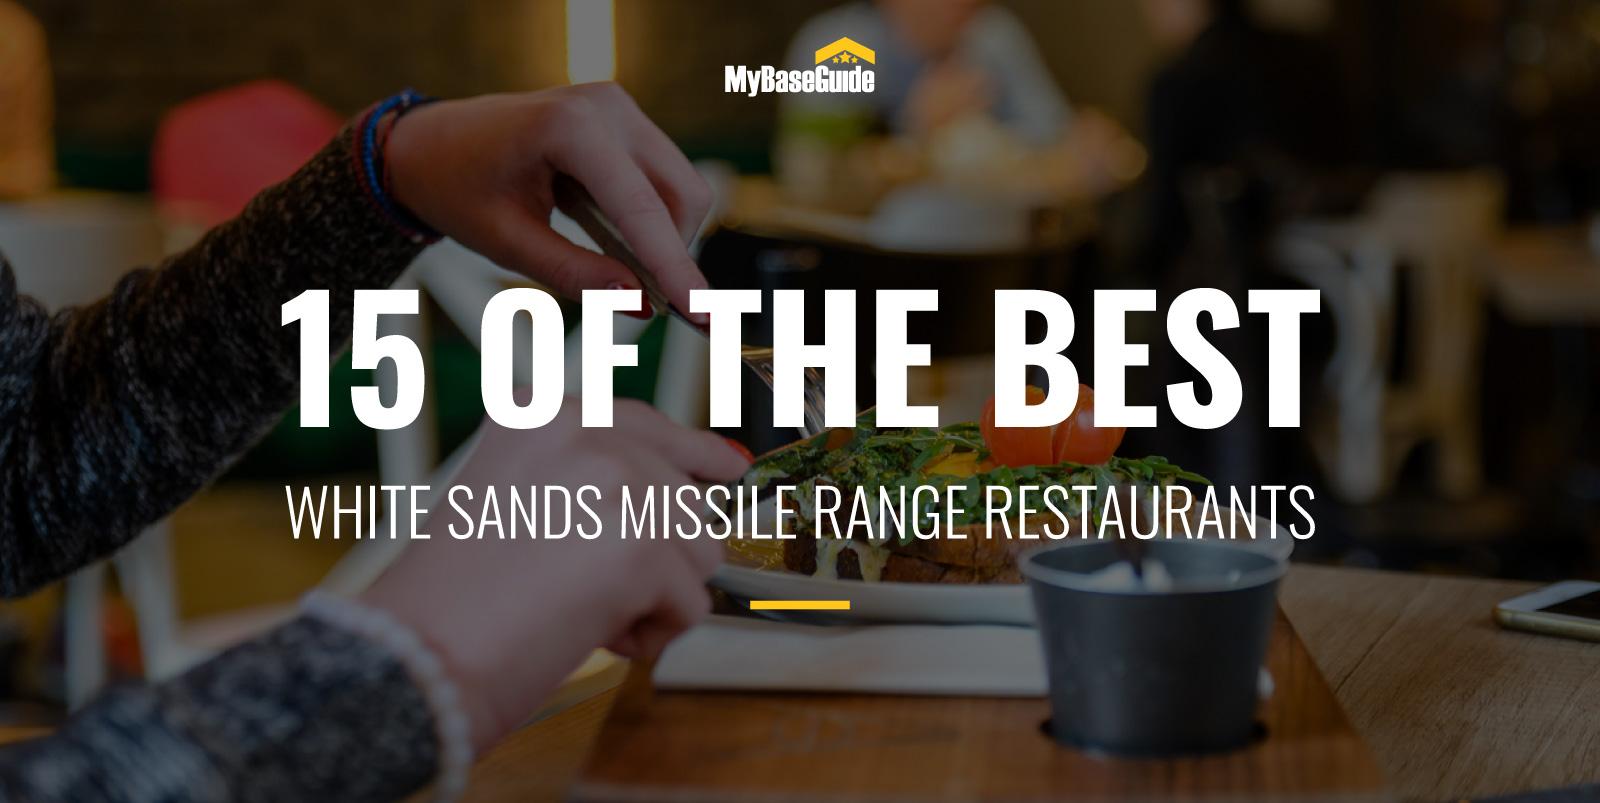 15 of the Best White Sands Missile Range Restaurants